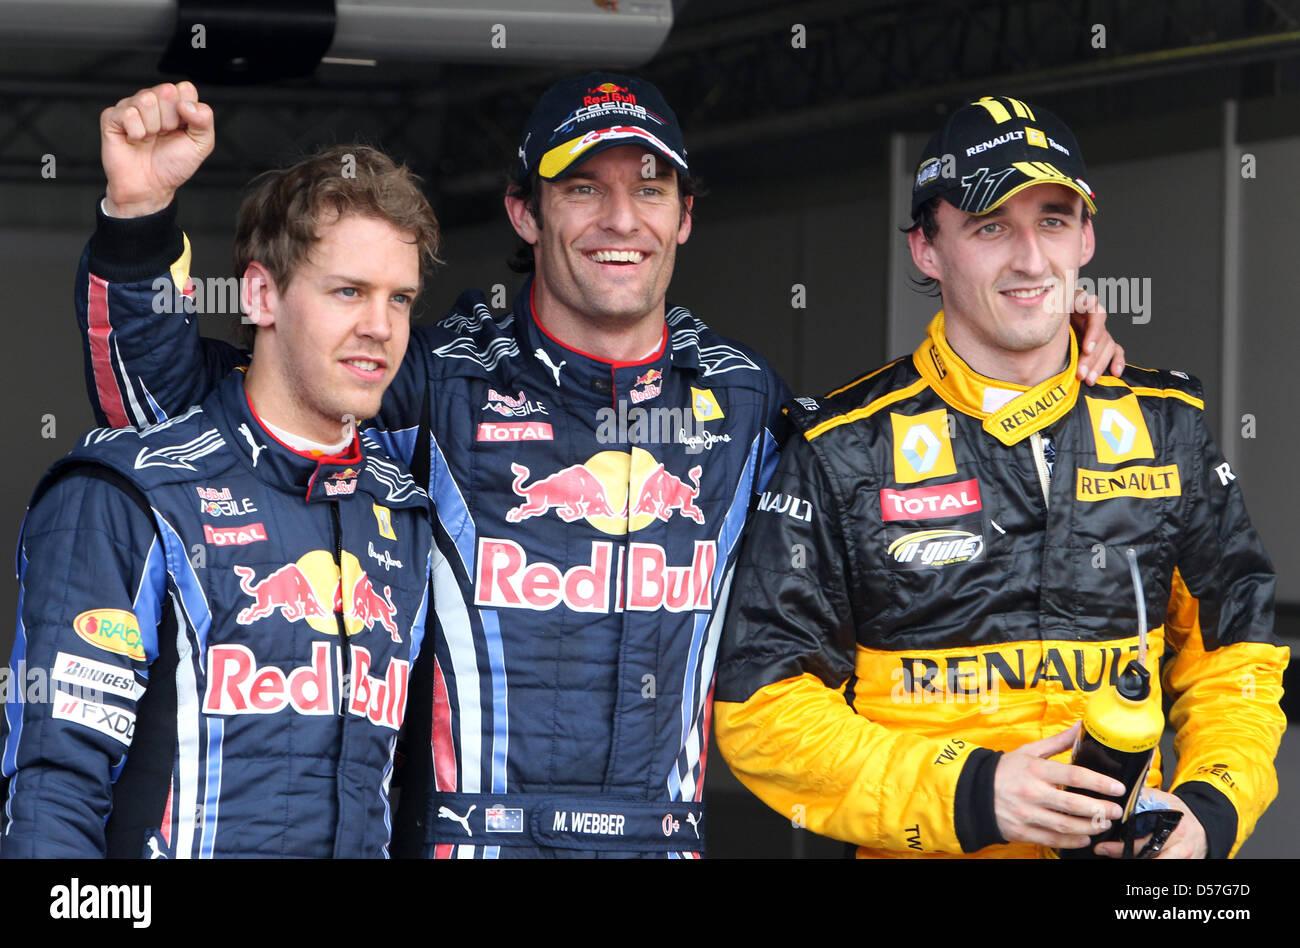 eb0de174364 Australian driver Mark Webber of Red Bull Racing (C)